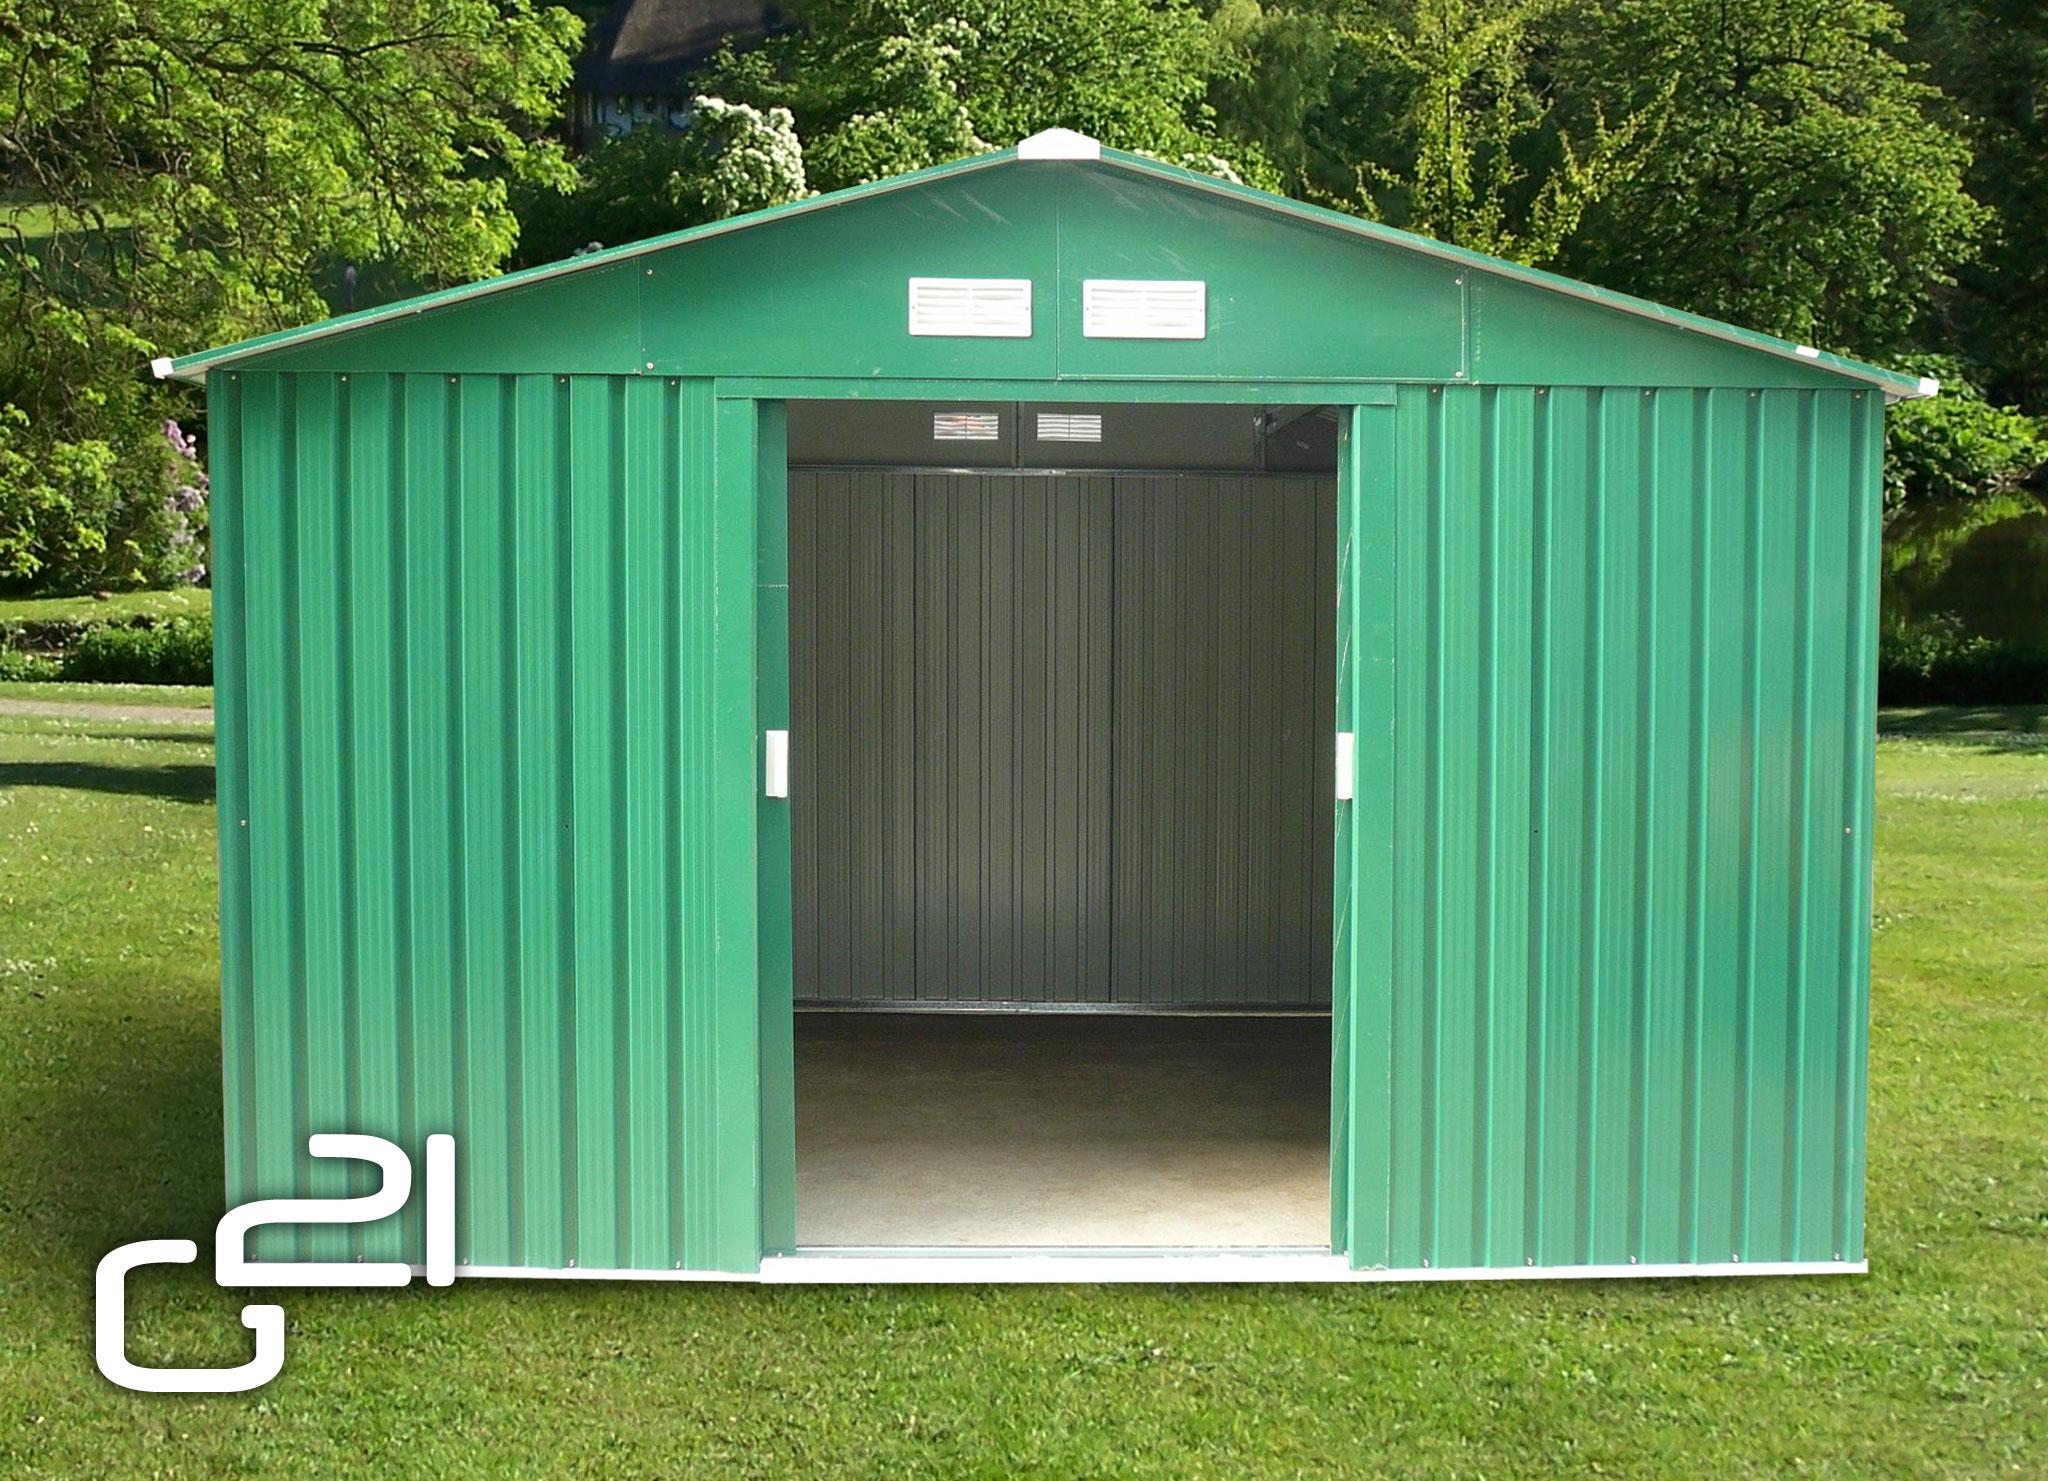 Zahradní domek G21 GAH 905 - 311 x 291 cm - zelený